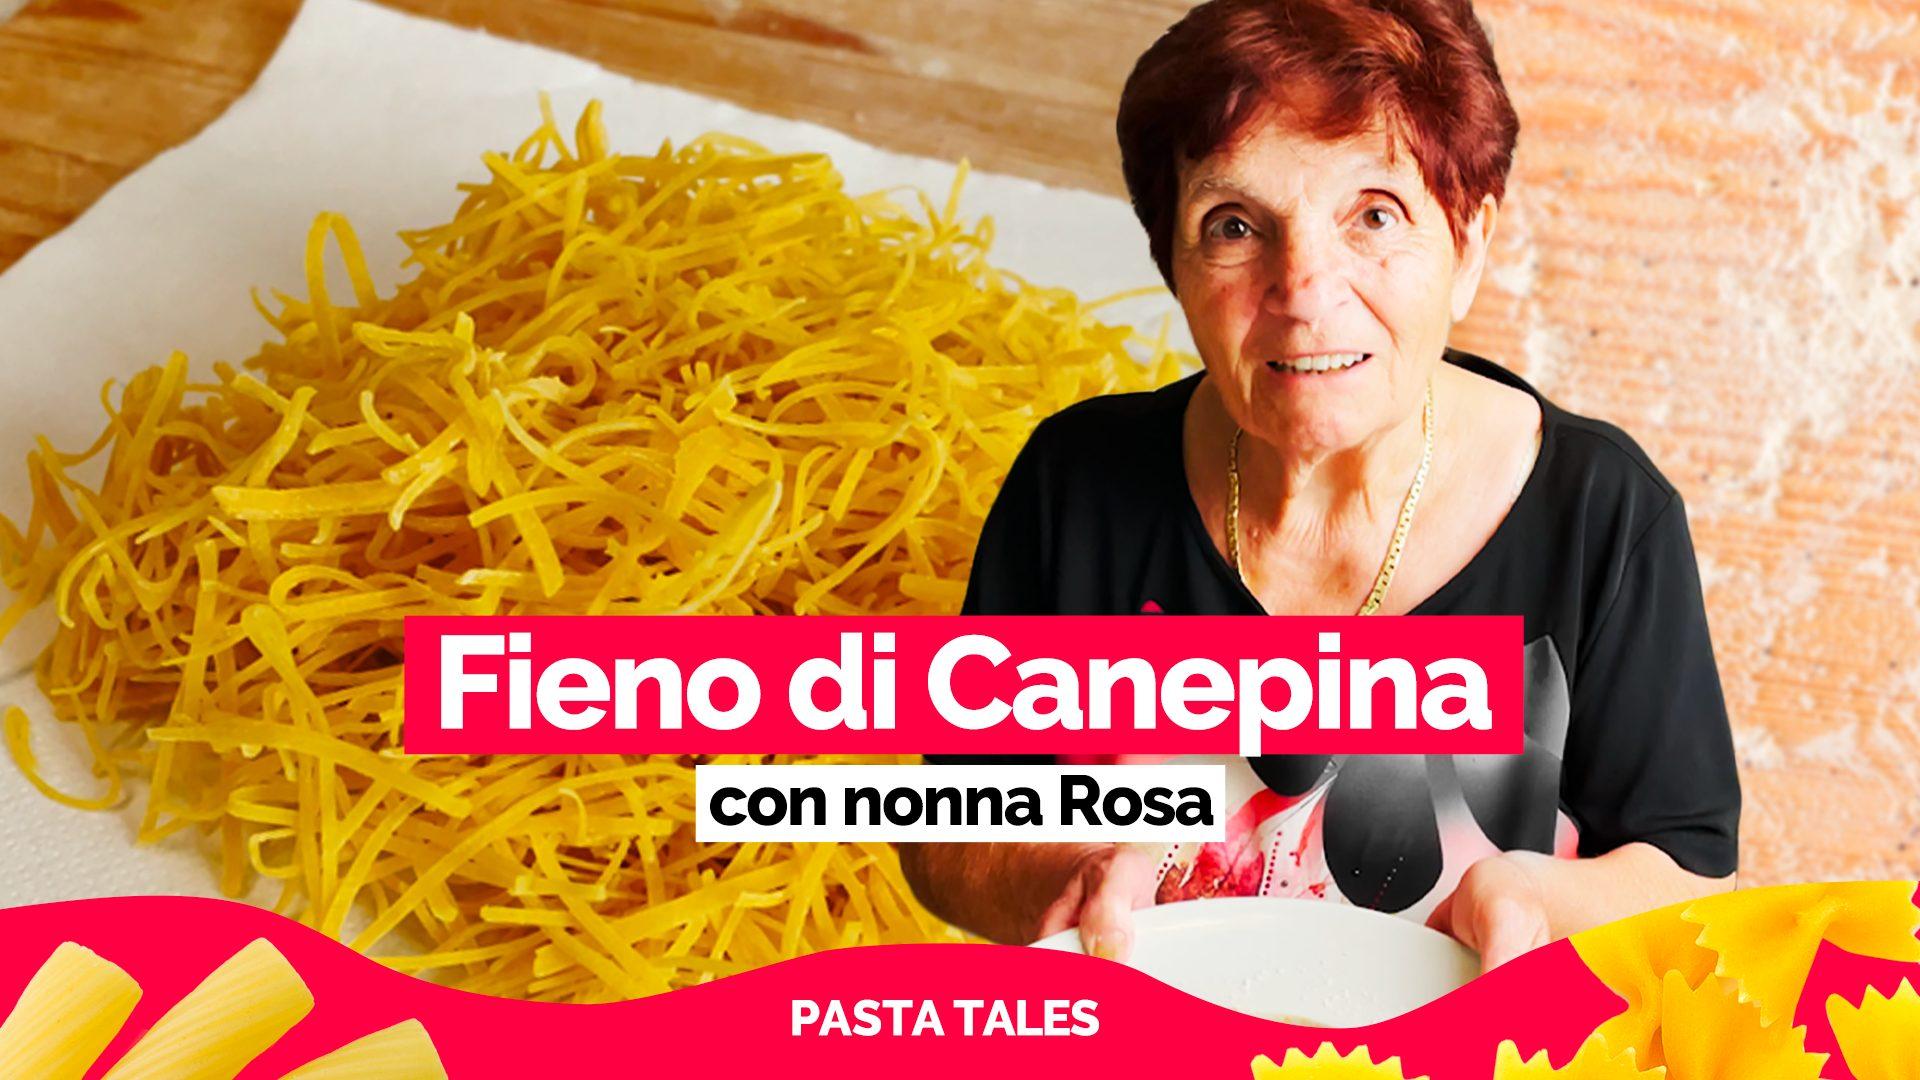 Fieno di Canepina, dal 1600 ai giorni nostri: la ricetta di una pasta ultra centenaria